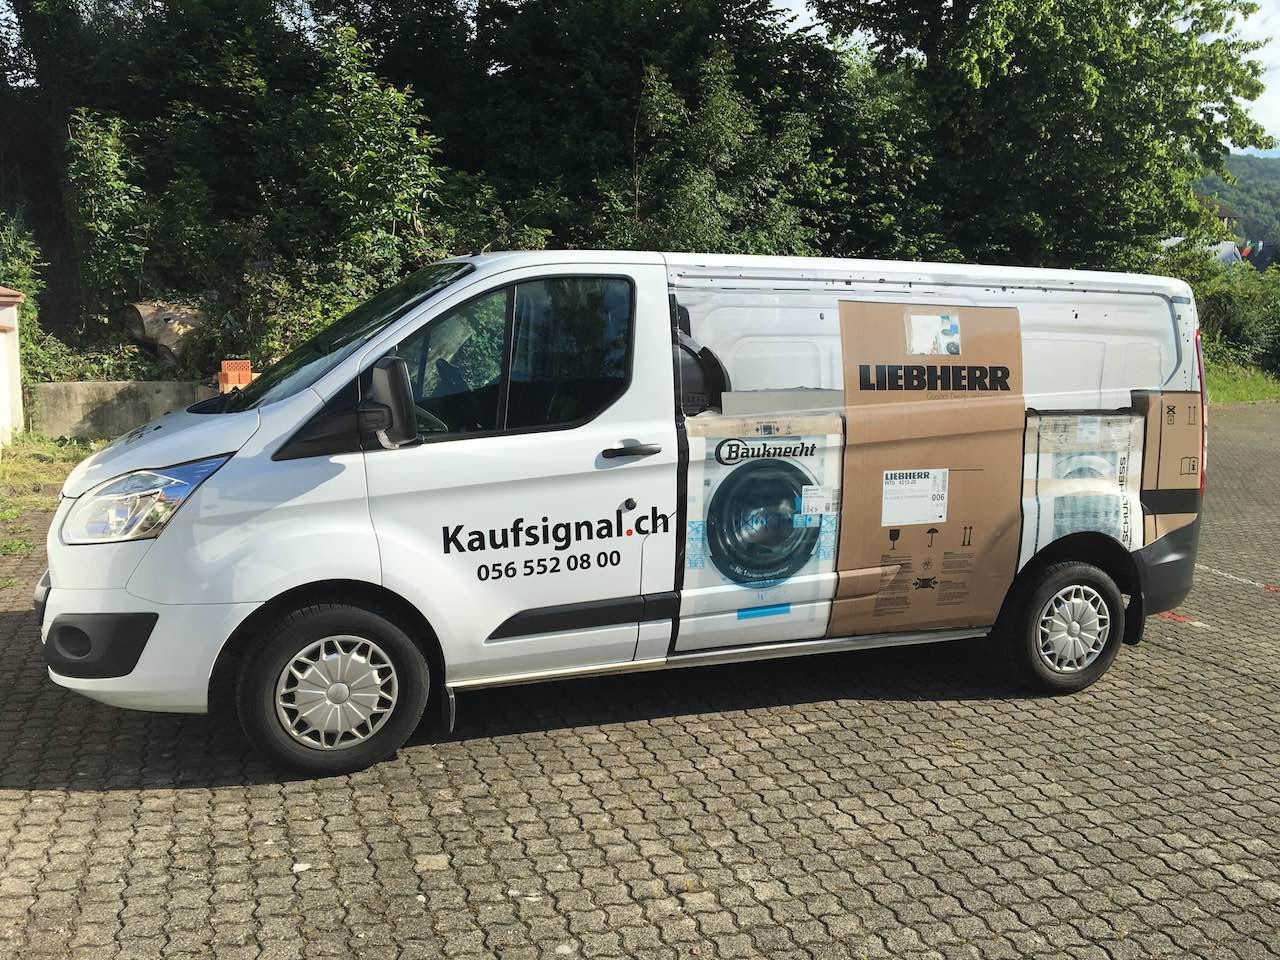 Kaufsignal-Auto neue Fahrzeugbeschriftung